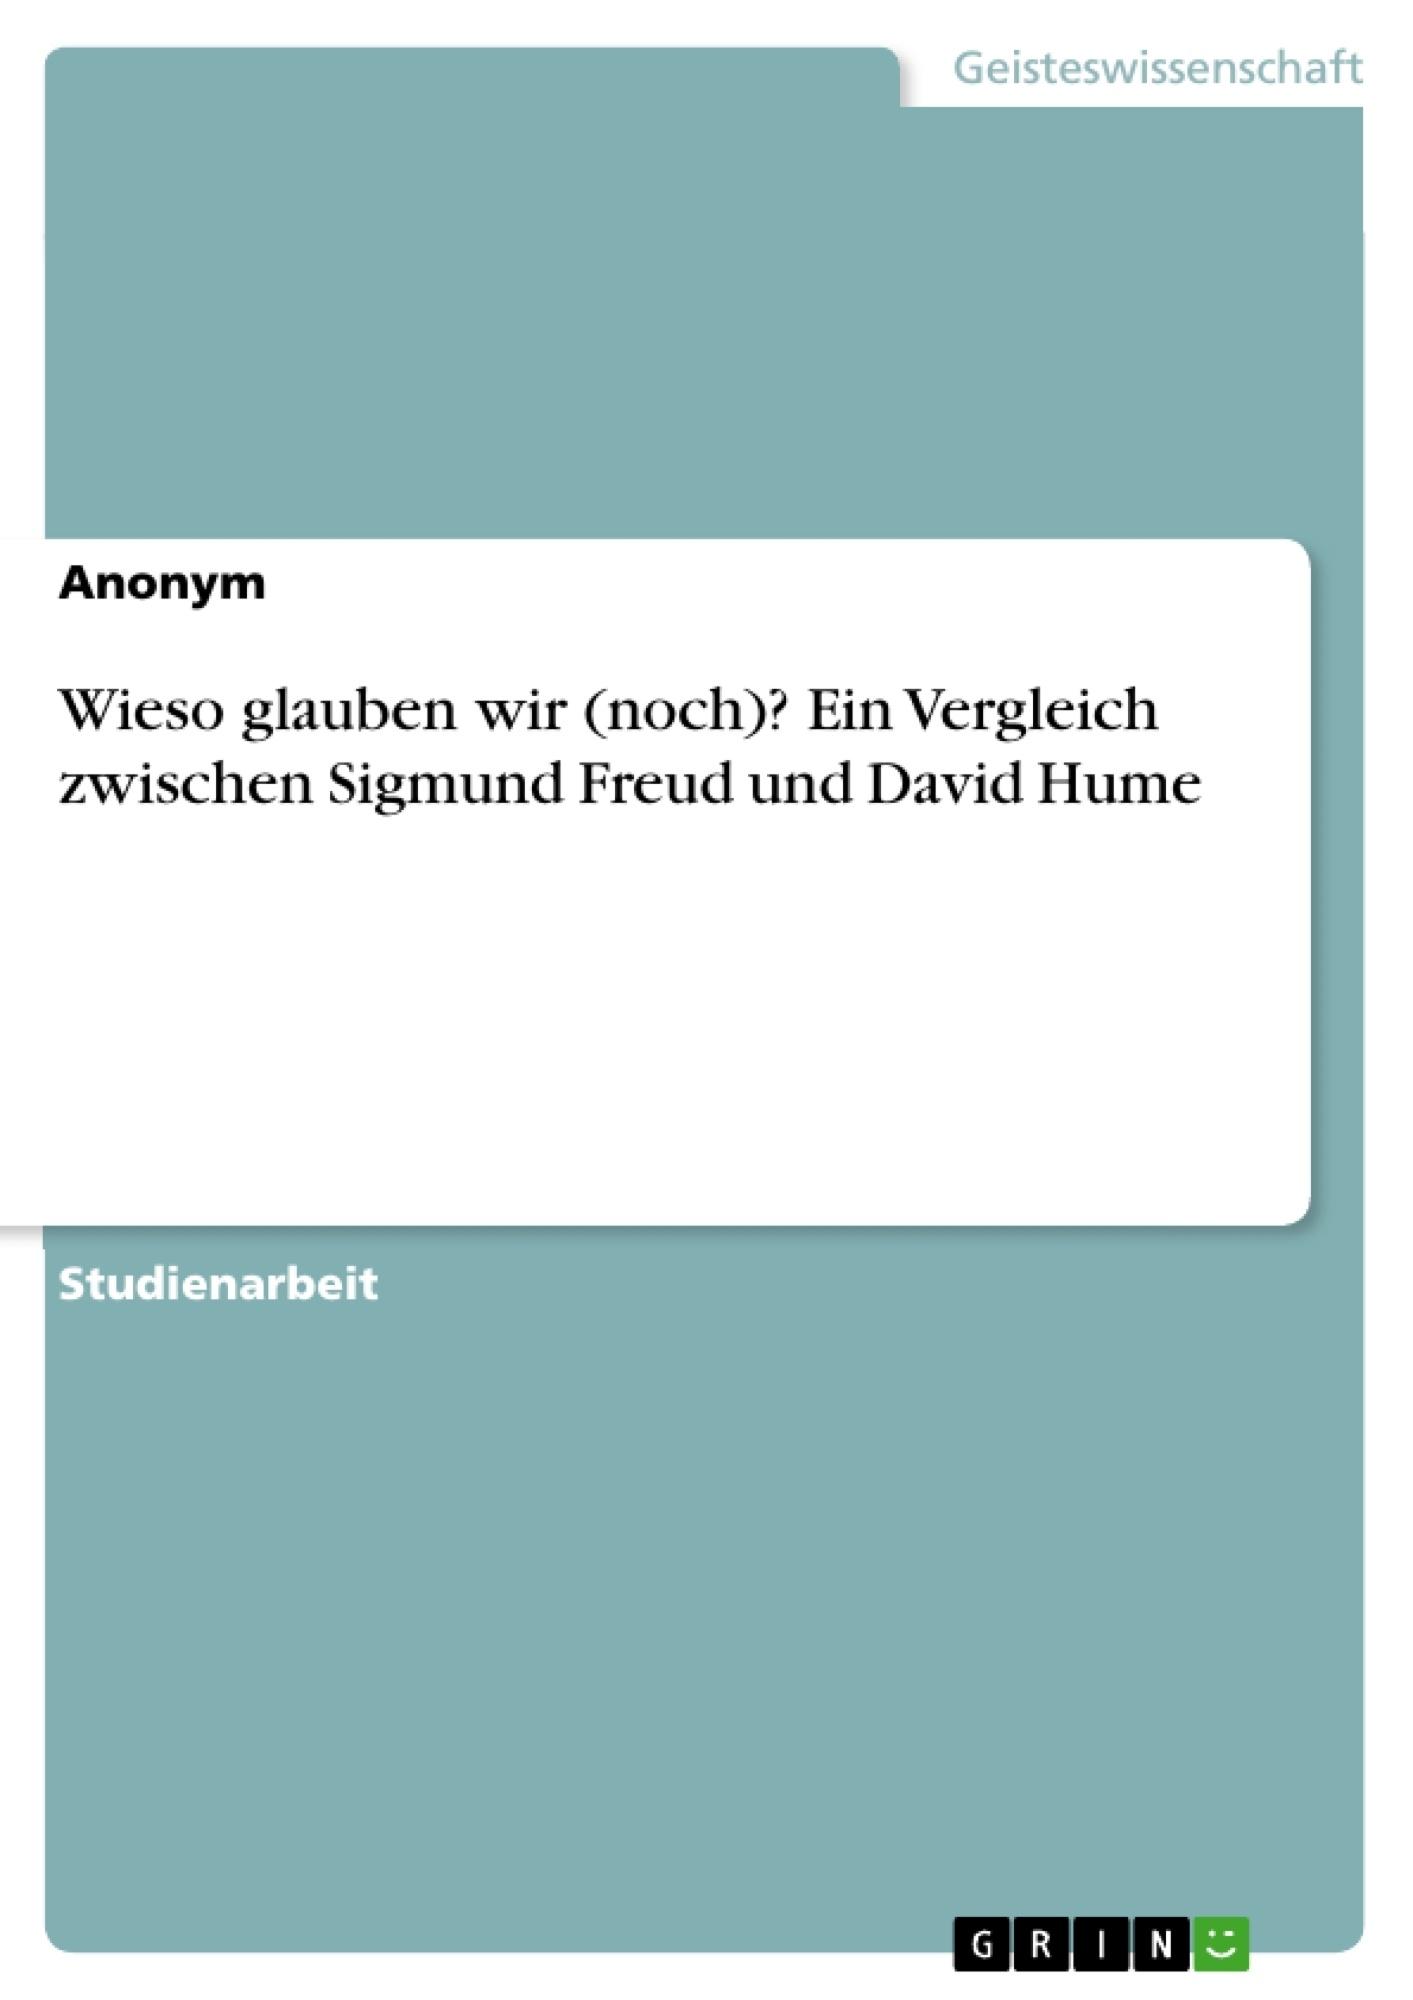 Titel: Wieso glauben wir (noch)? Ein Vergleich zwischen Sigmund Freud und David Hume